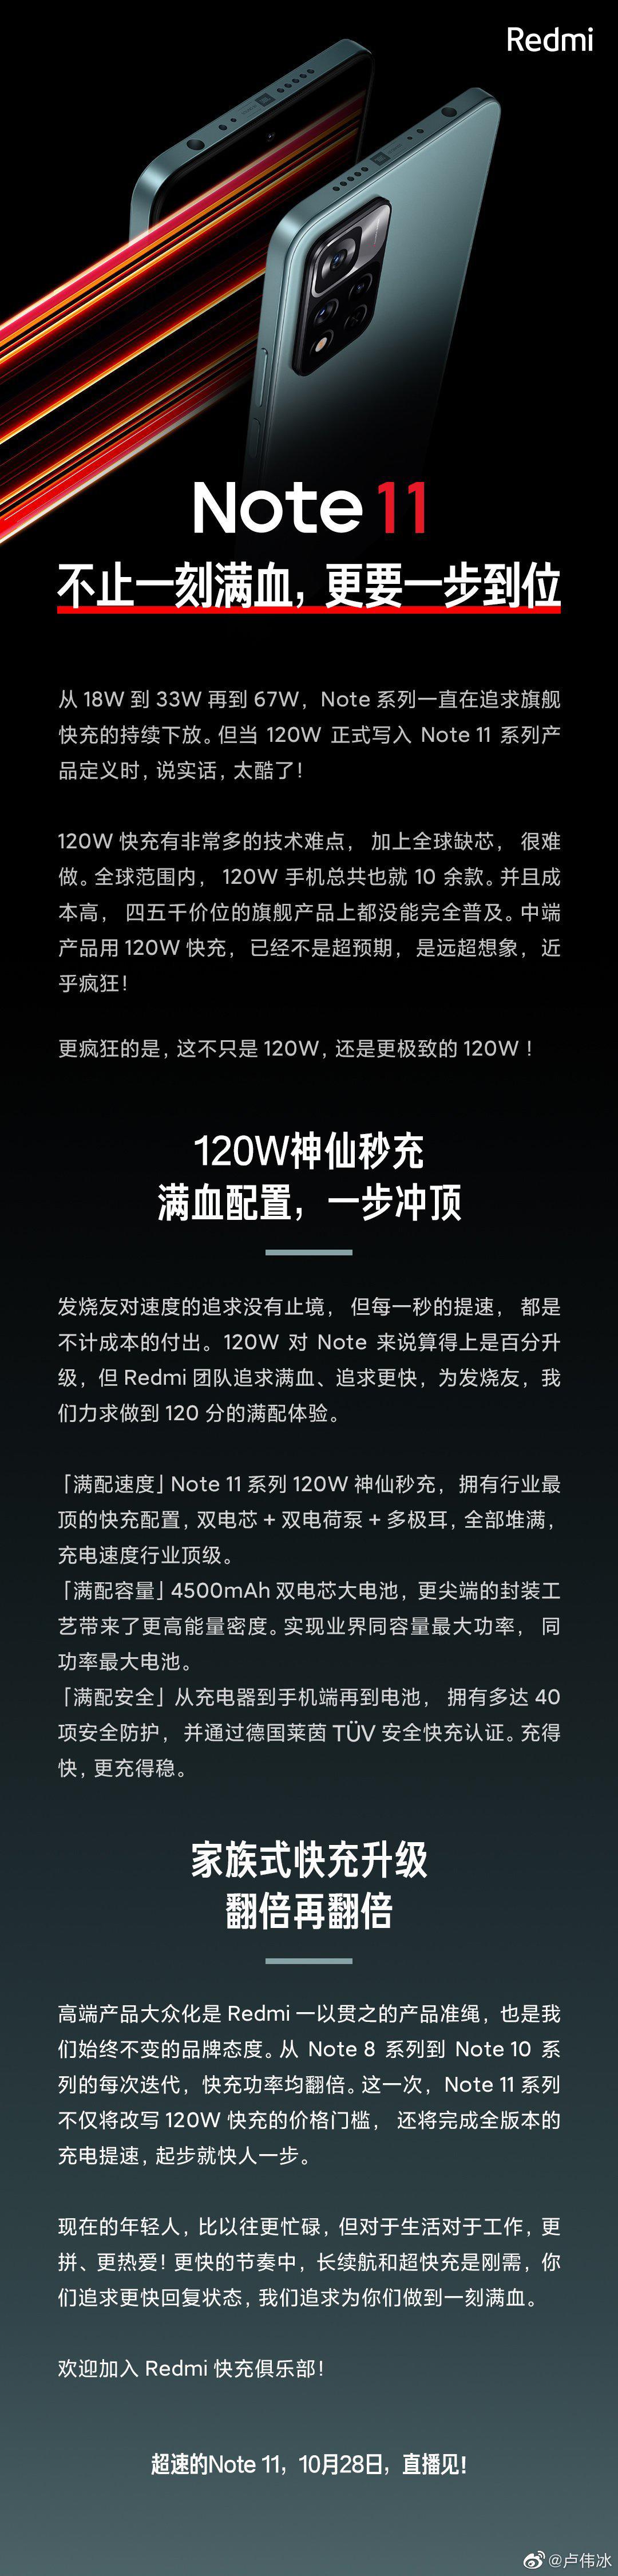 卢伟冰:Redmi Note 11搭载120W满血版 部分配置已公布